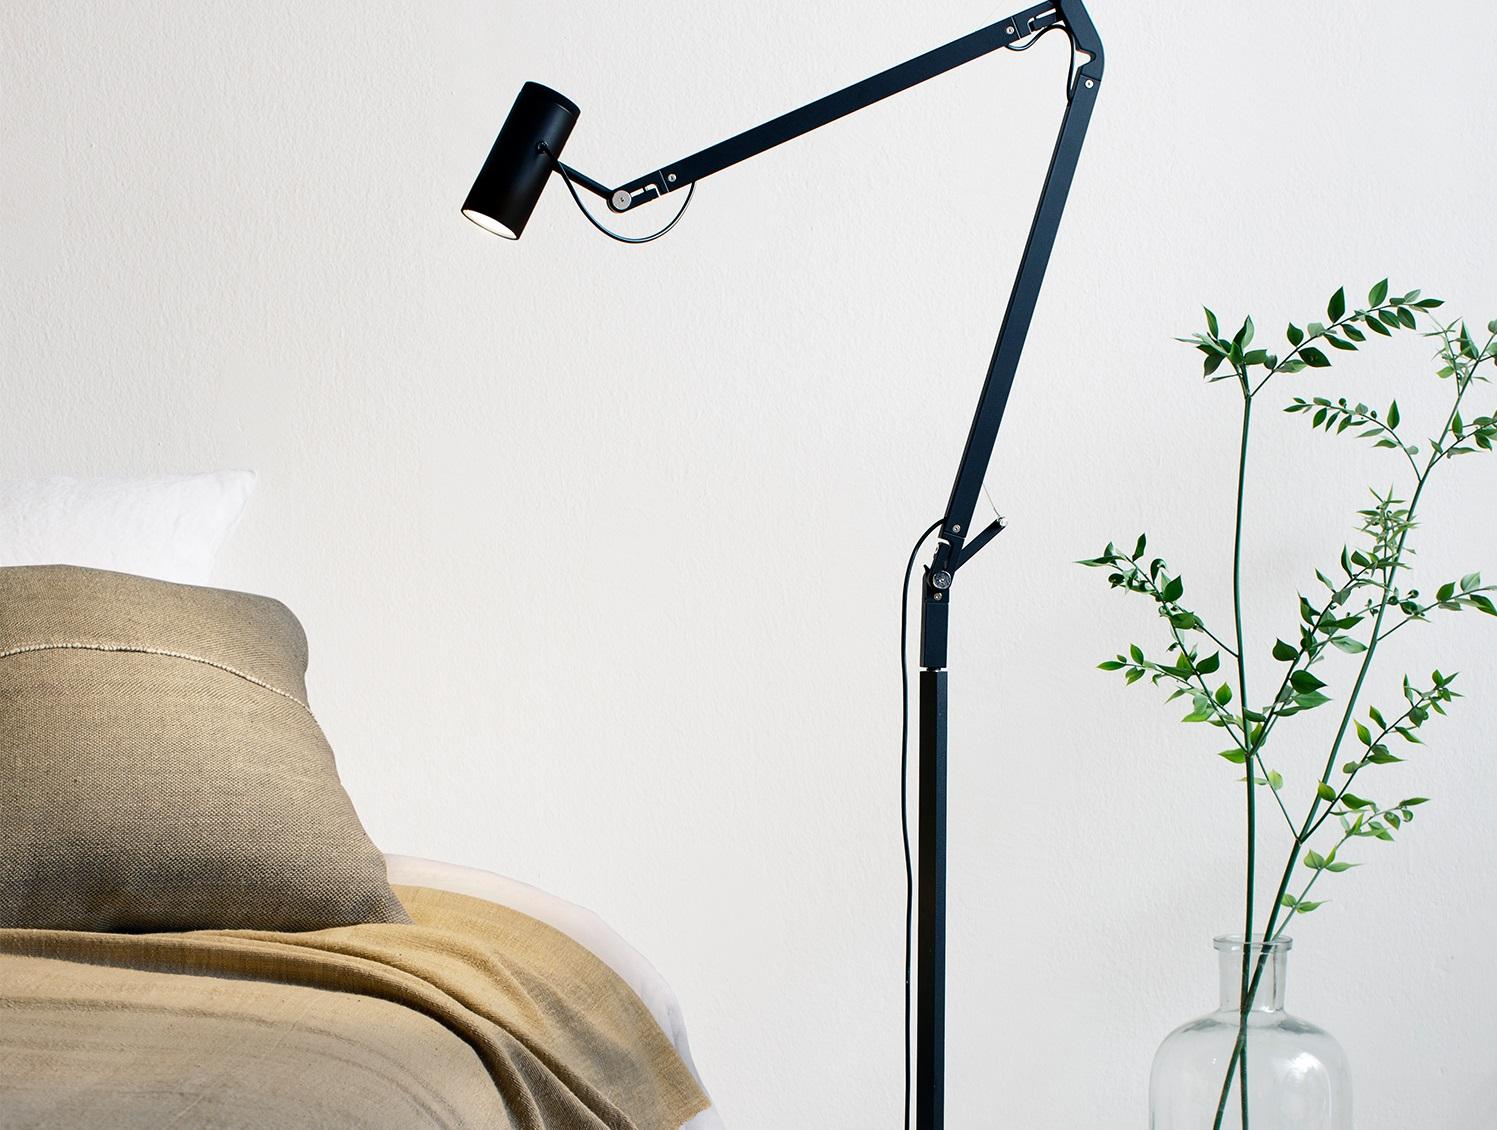 Lichtplanung Zuhause Gelenkleuchte